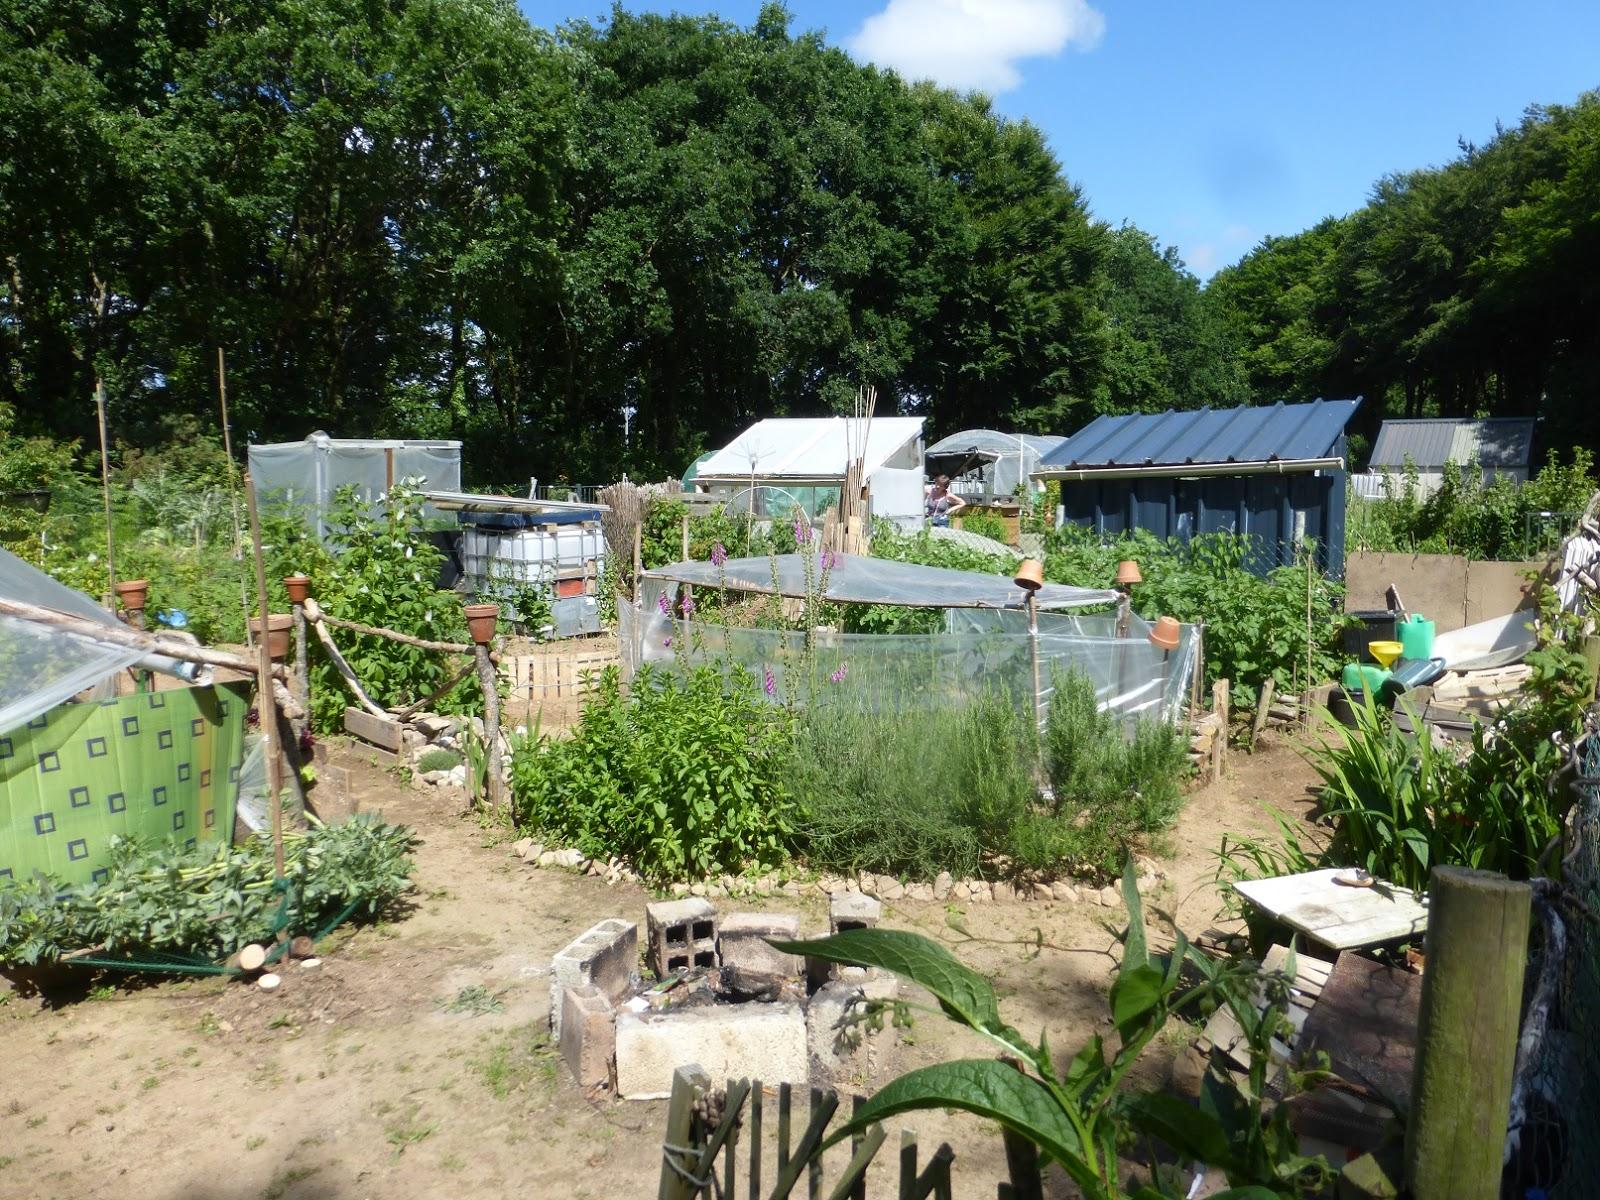 Caf jardin de saint urbain d couverte d 39 une technique for Jardin urbain permaculture